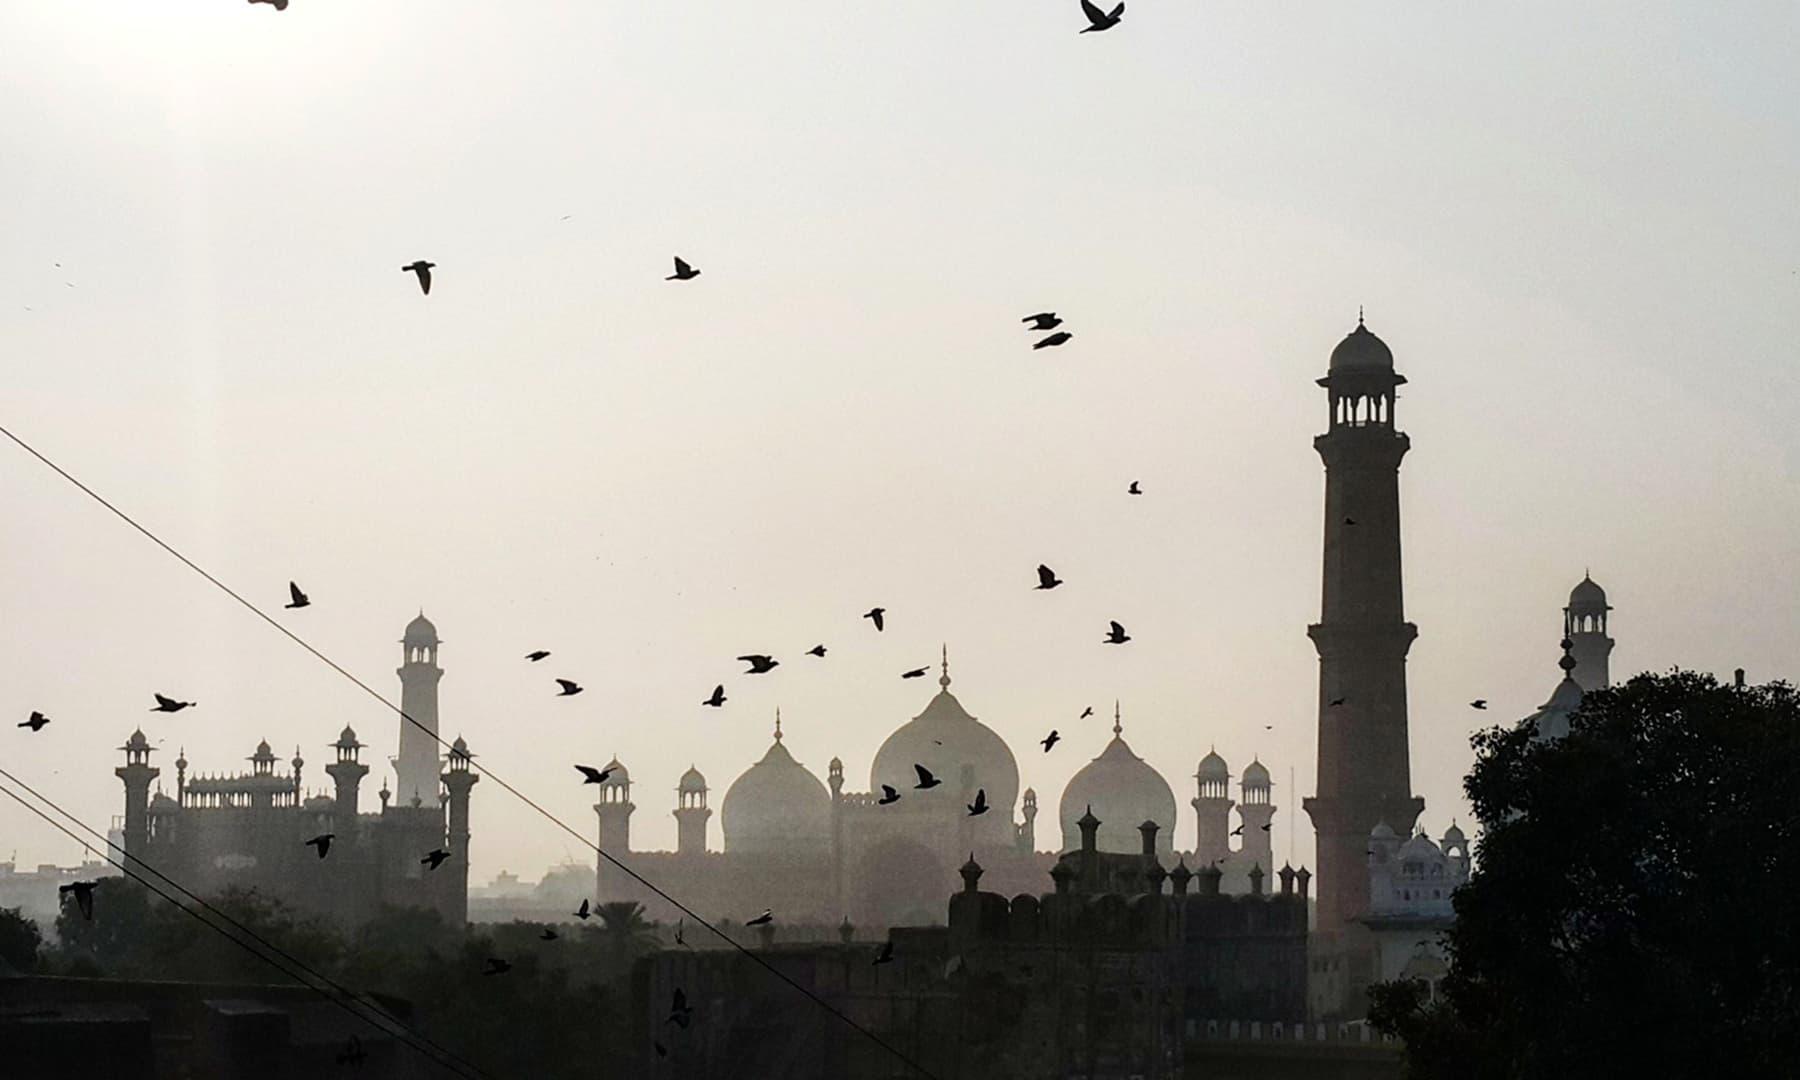 لاہور — صوفیہ کاشف